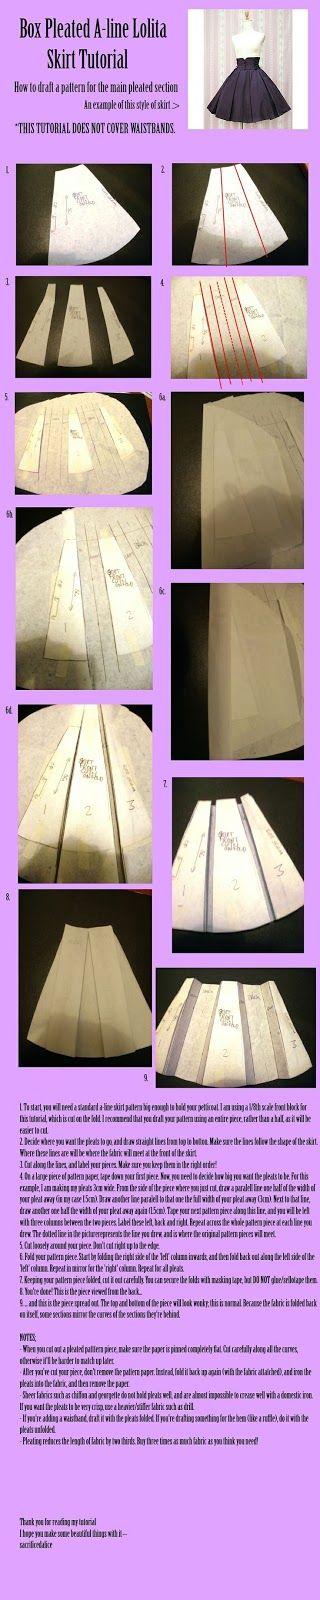 He encontrado este tutorial en pinterest para faldas con corte en A con tablas que me parece que está bastante bien explicado      Es cómo s...